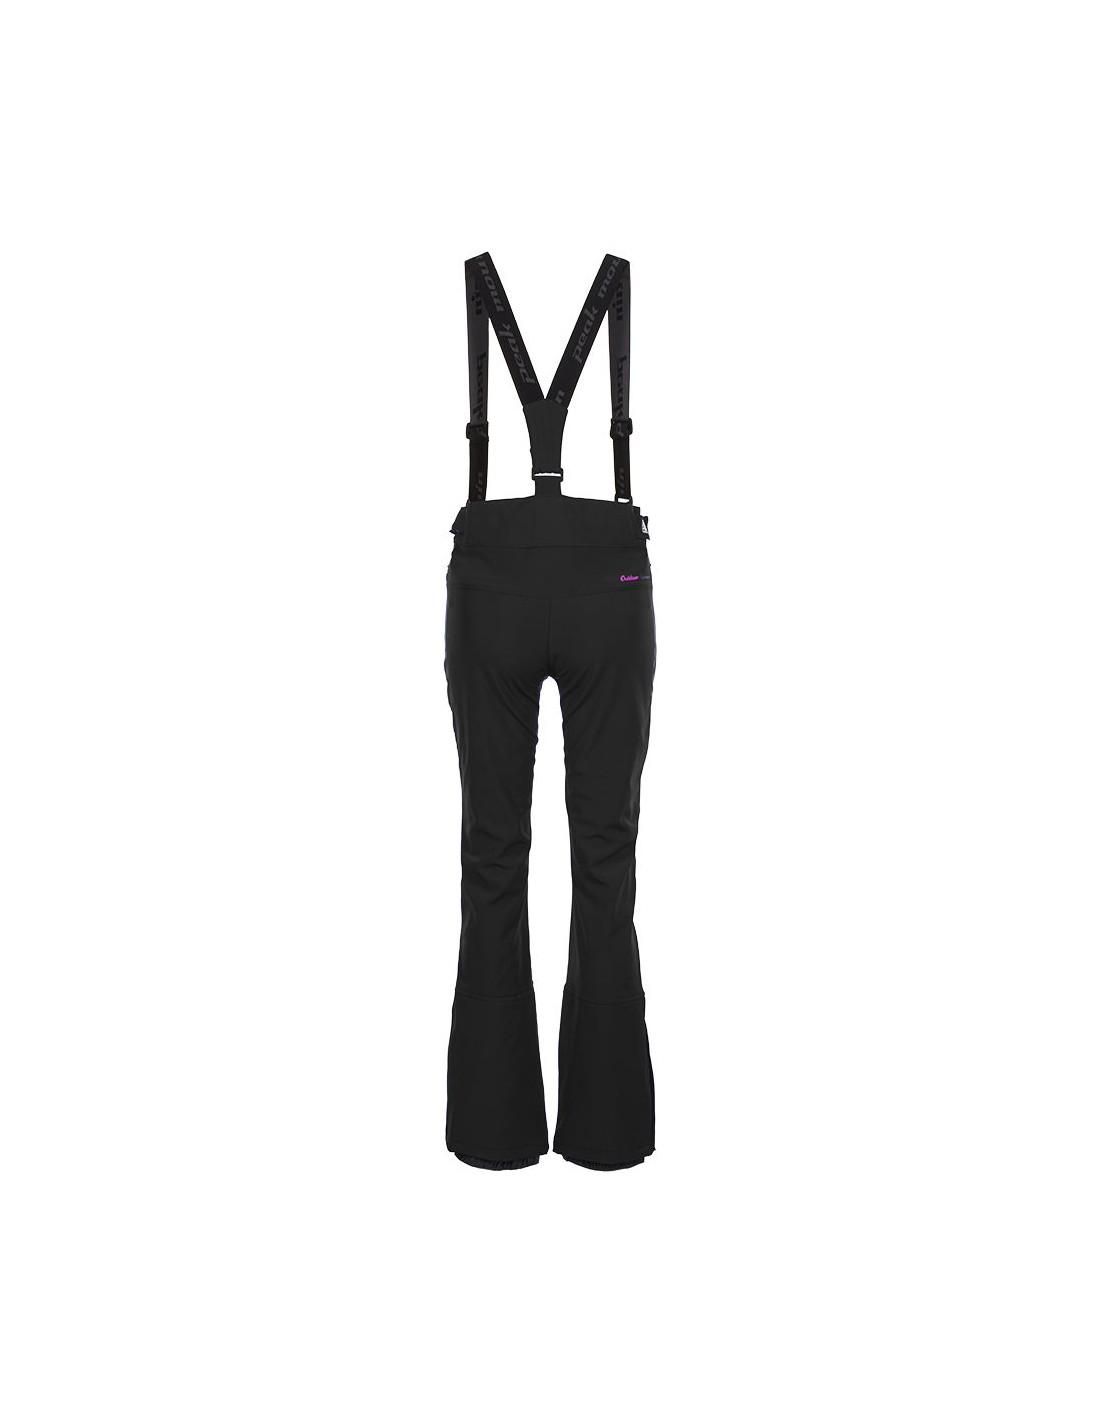 Pantalon Femme Afellksn De Pantalon Ski De Femme Afellksn Pantalon Ski n0OPw8k